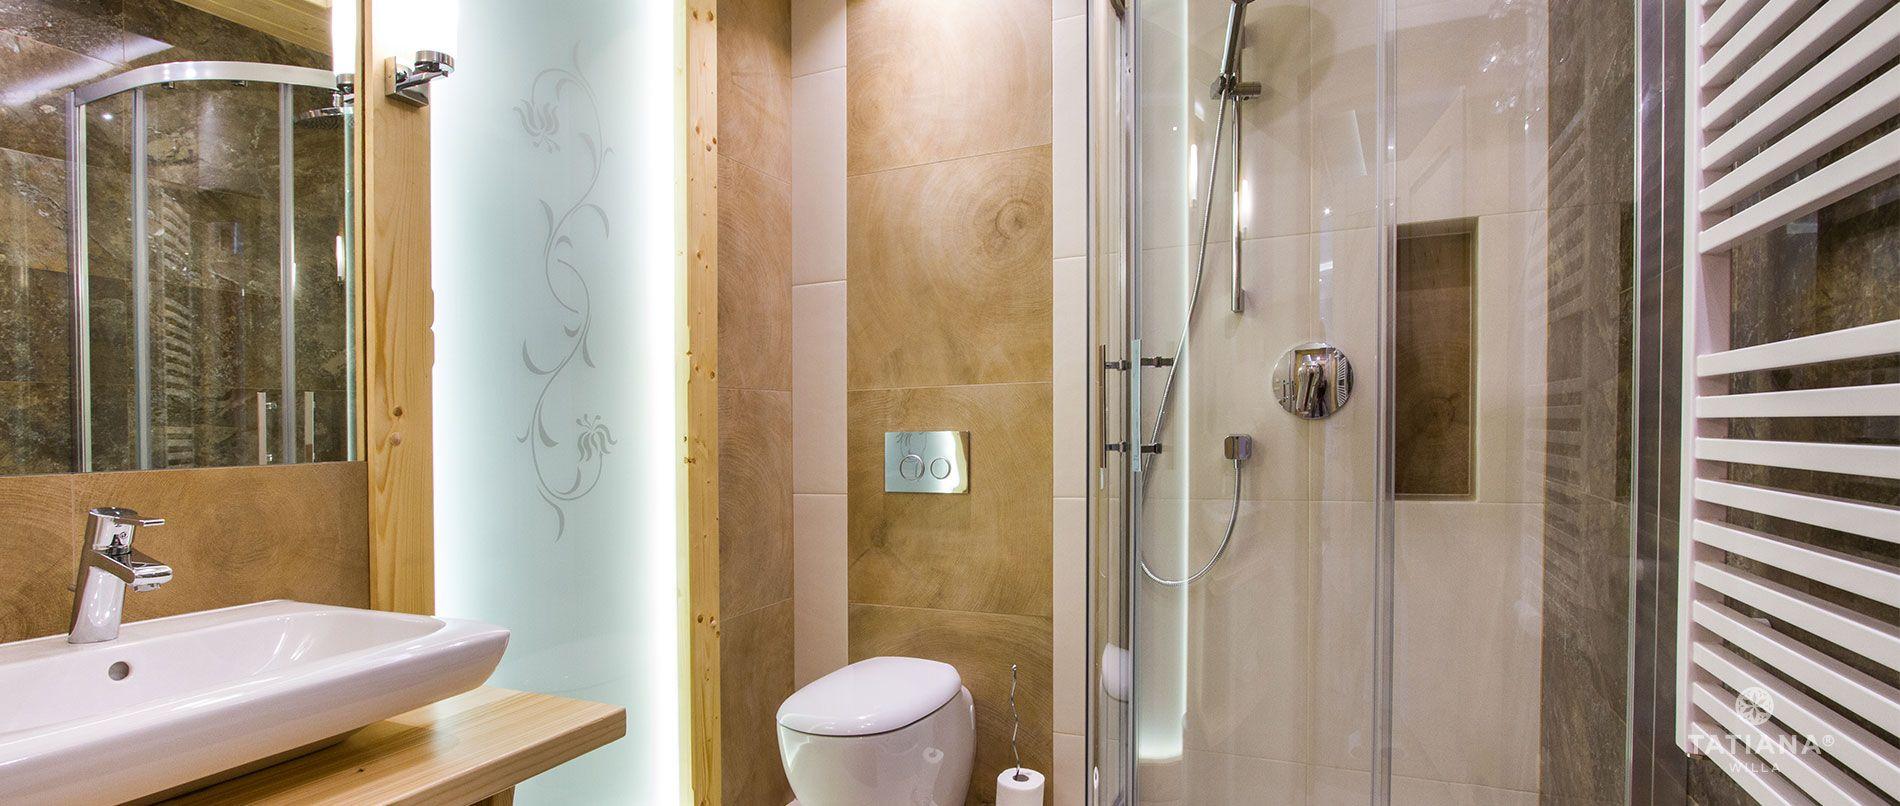 Apartament Sosnowy- łazienka